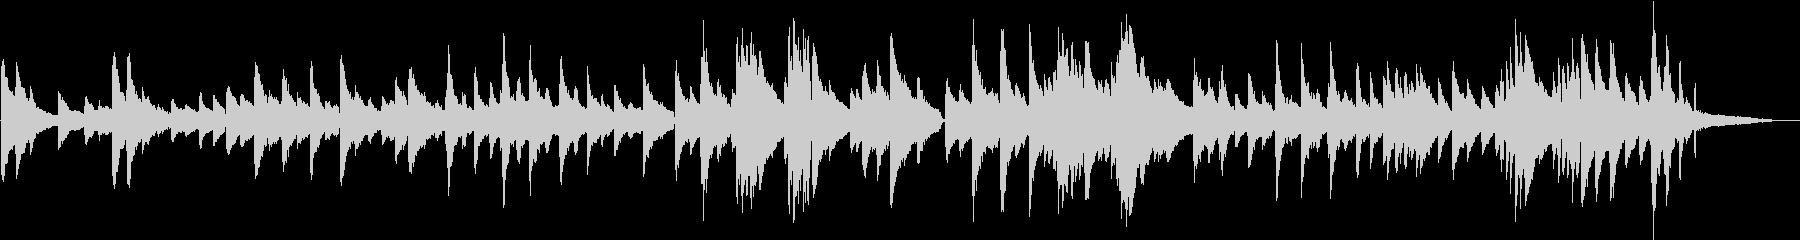 生演奏 ゆったりとしたピアノ曲の未再生の波形